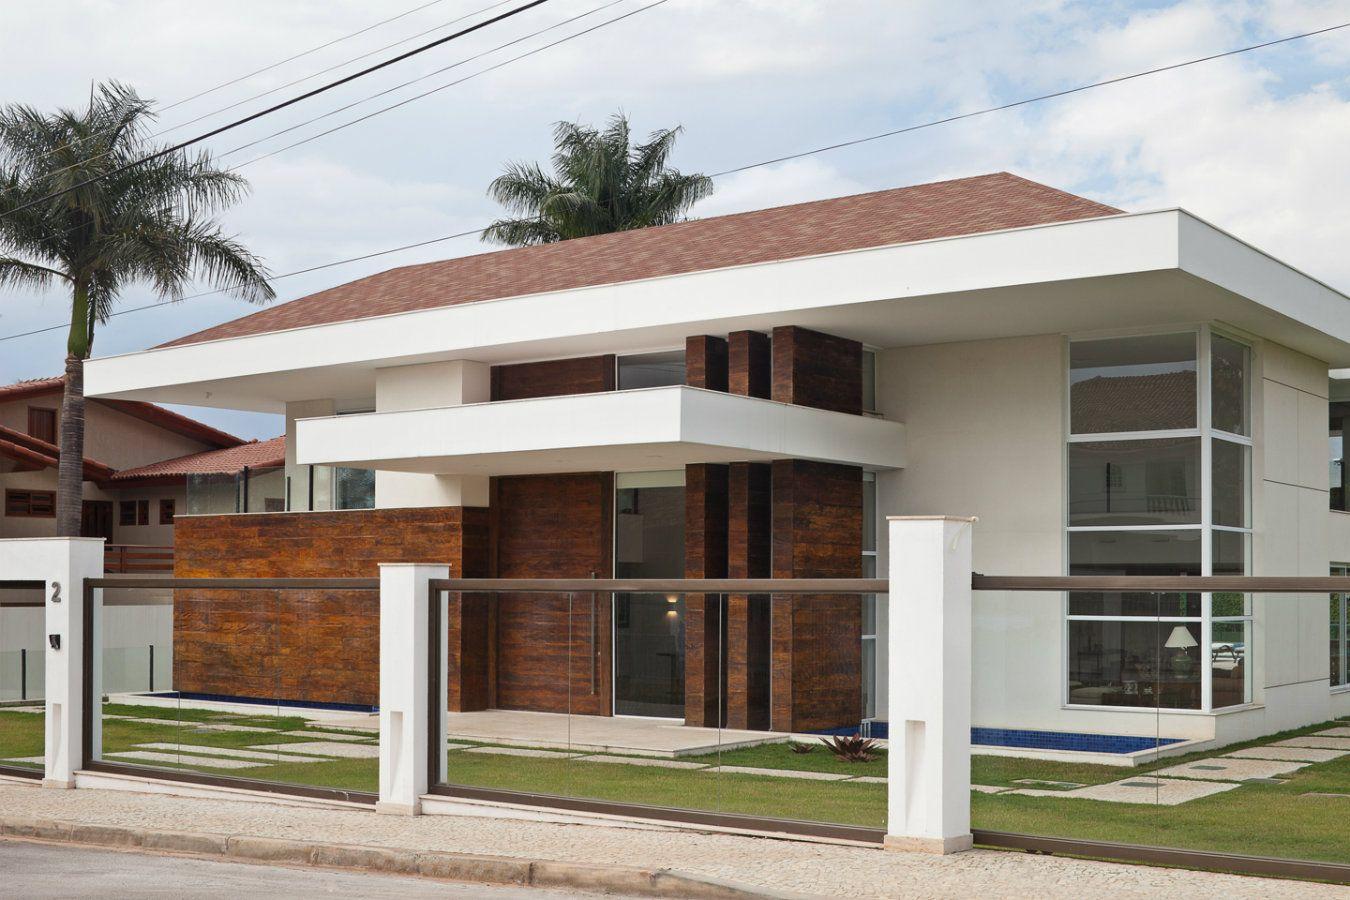 fachadas de casas lindas e de diferentes estilos veja